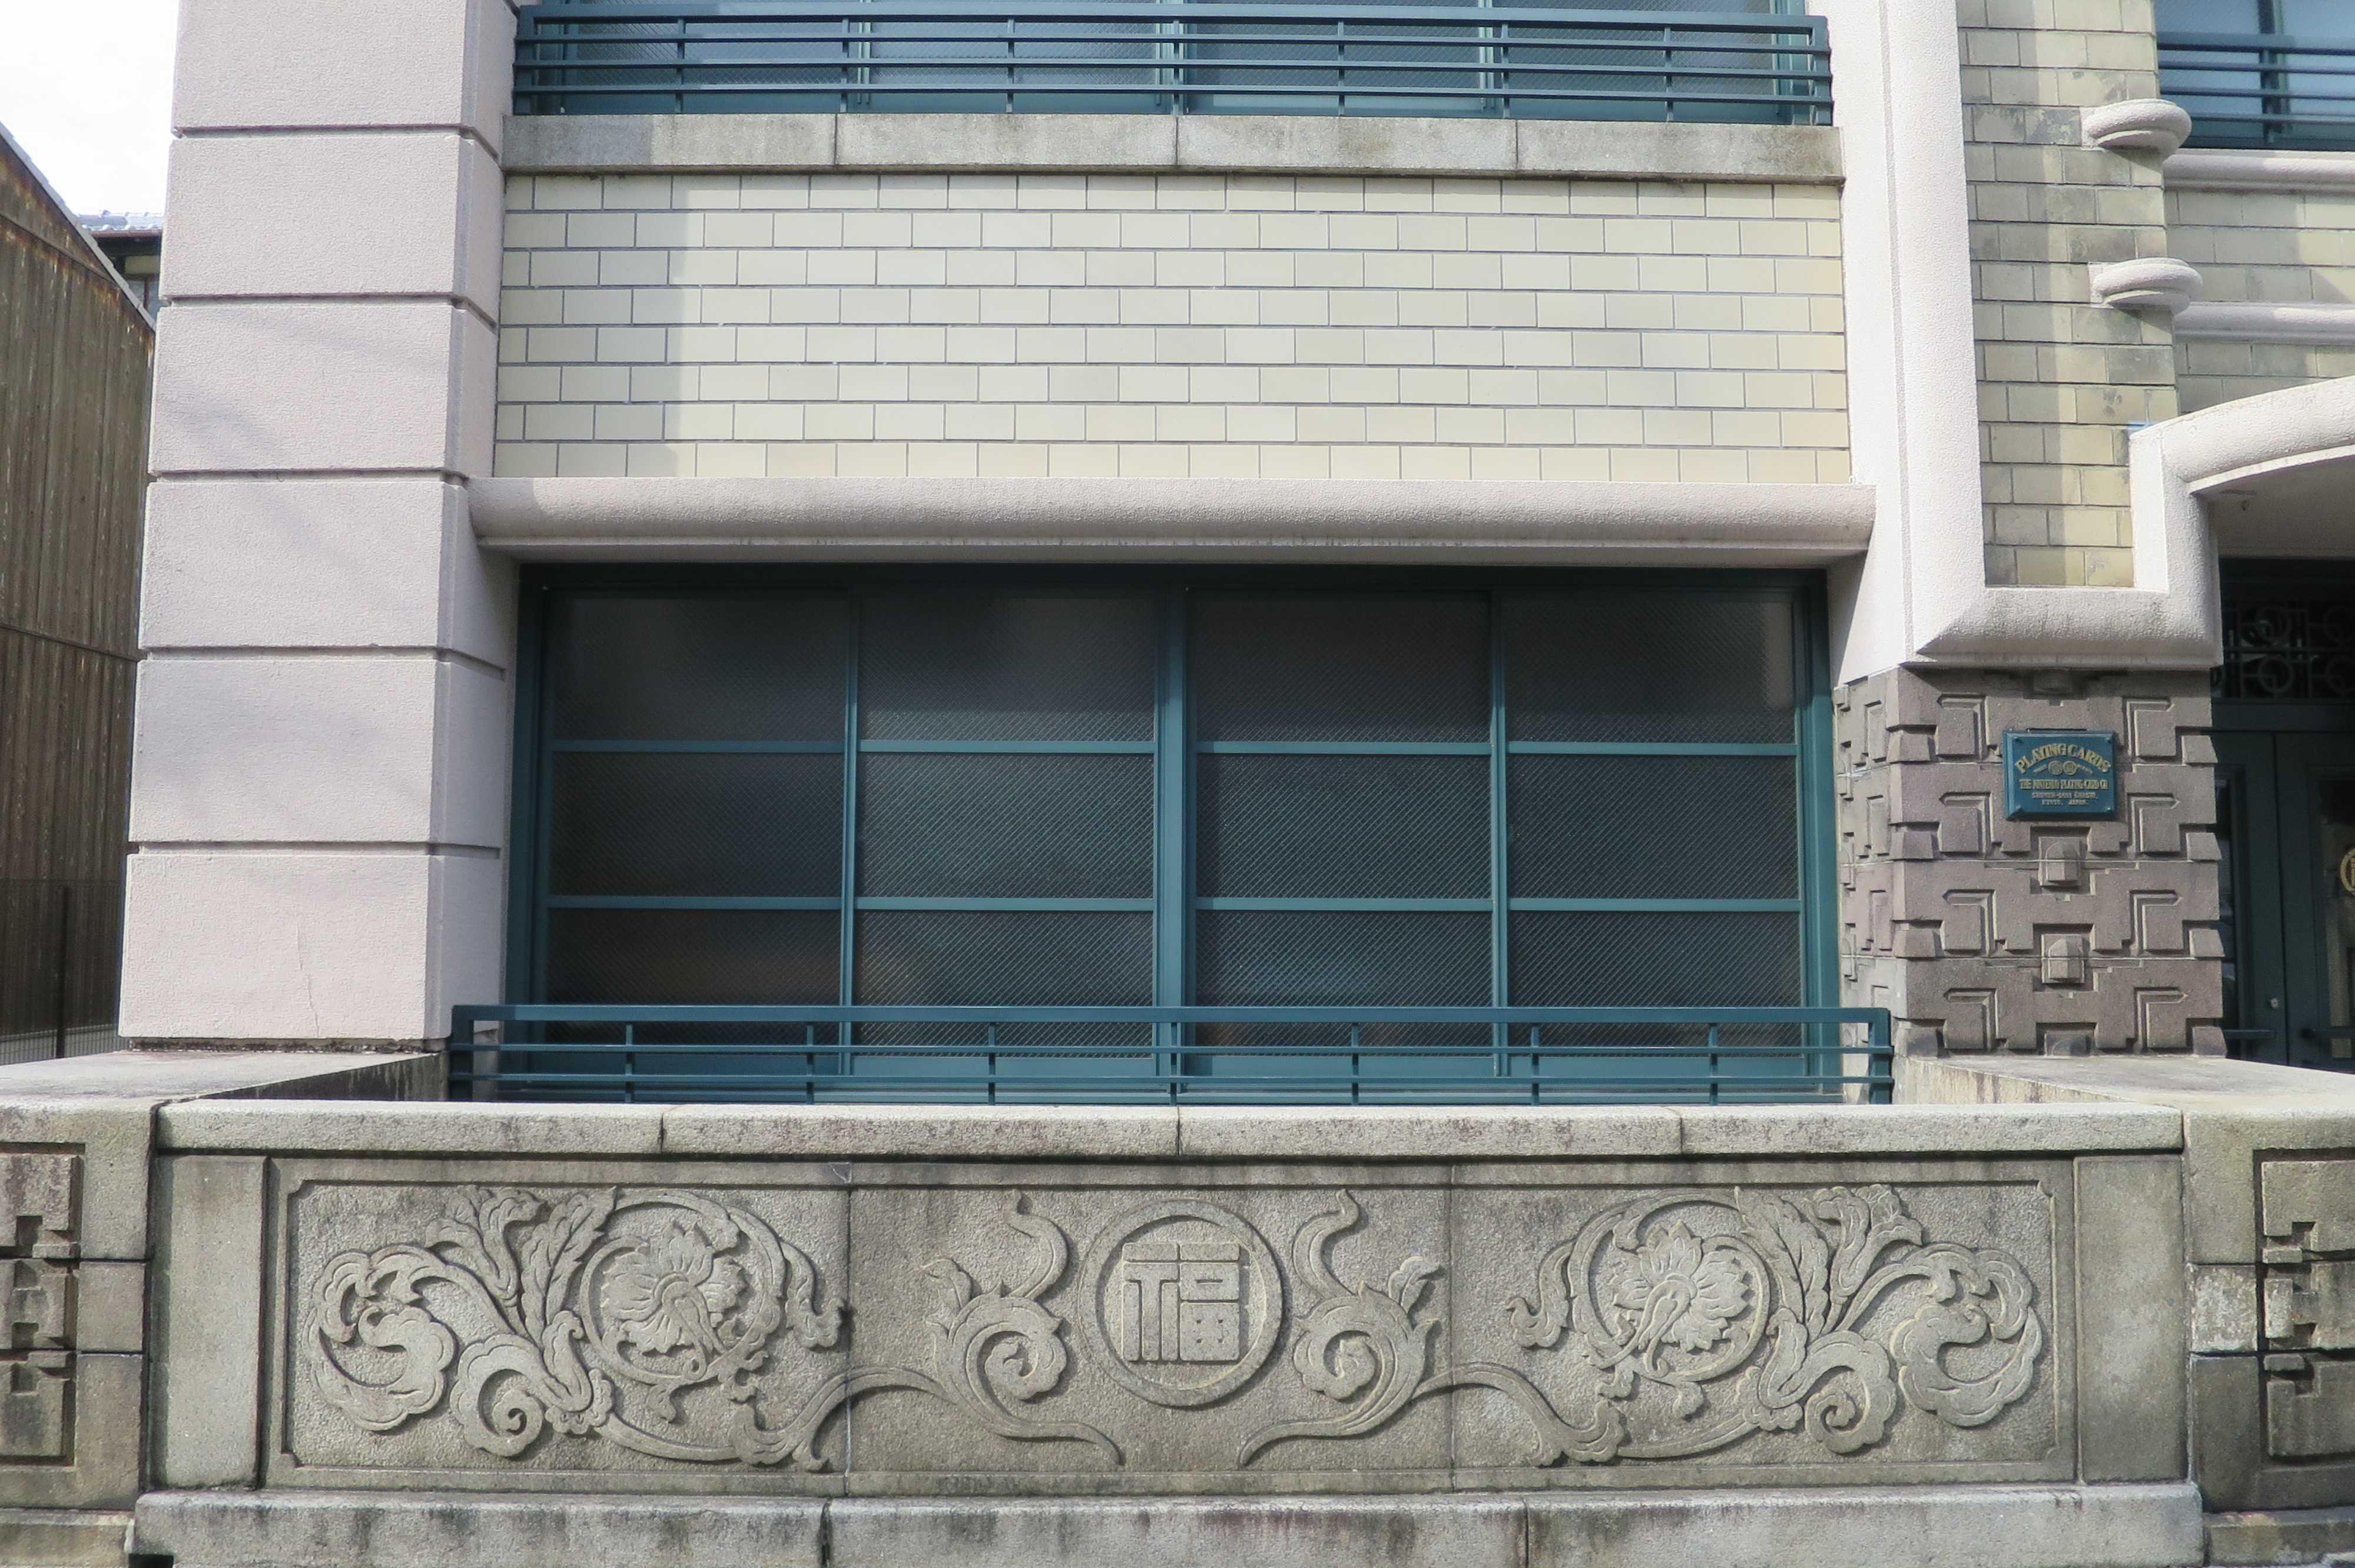 任天堂 旧本社社屋の「丸」に「福」のトレードマーク(京都市下京区)